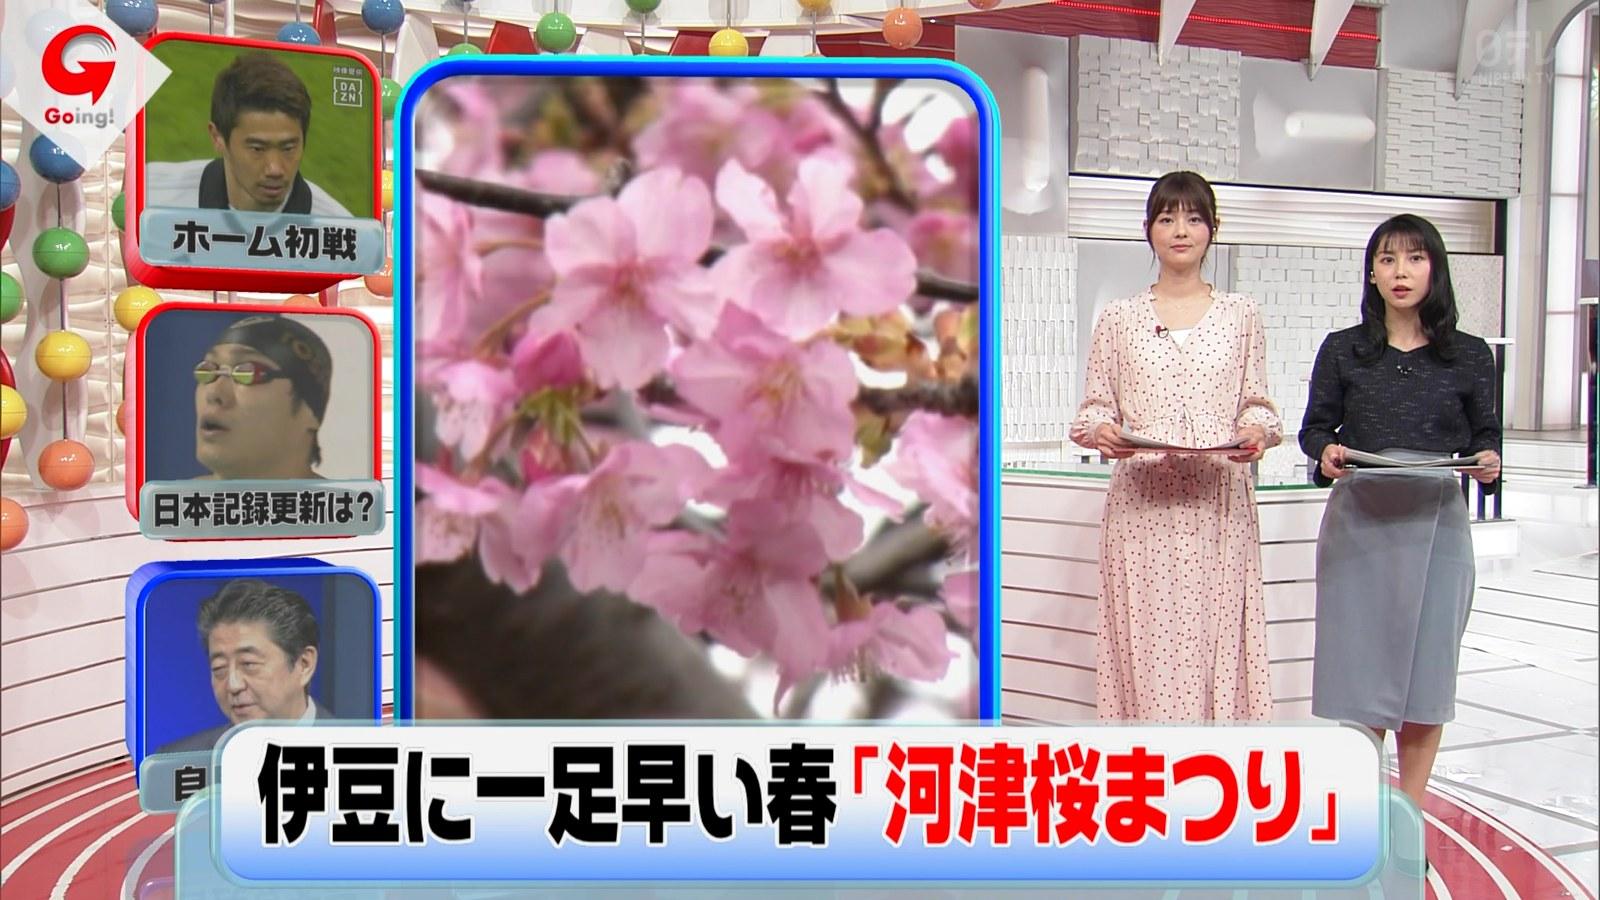 2019年2月11日「Going! Sports&News」トラウデン直美さんのテレビキャプチャー画像-106